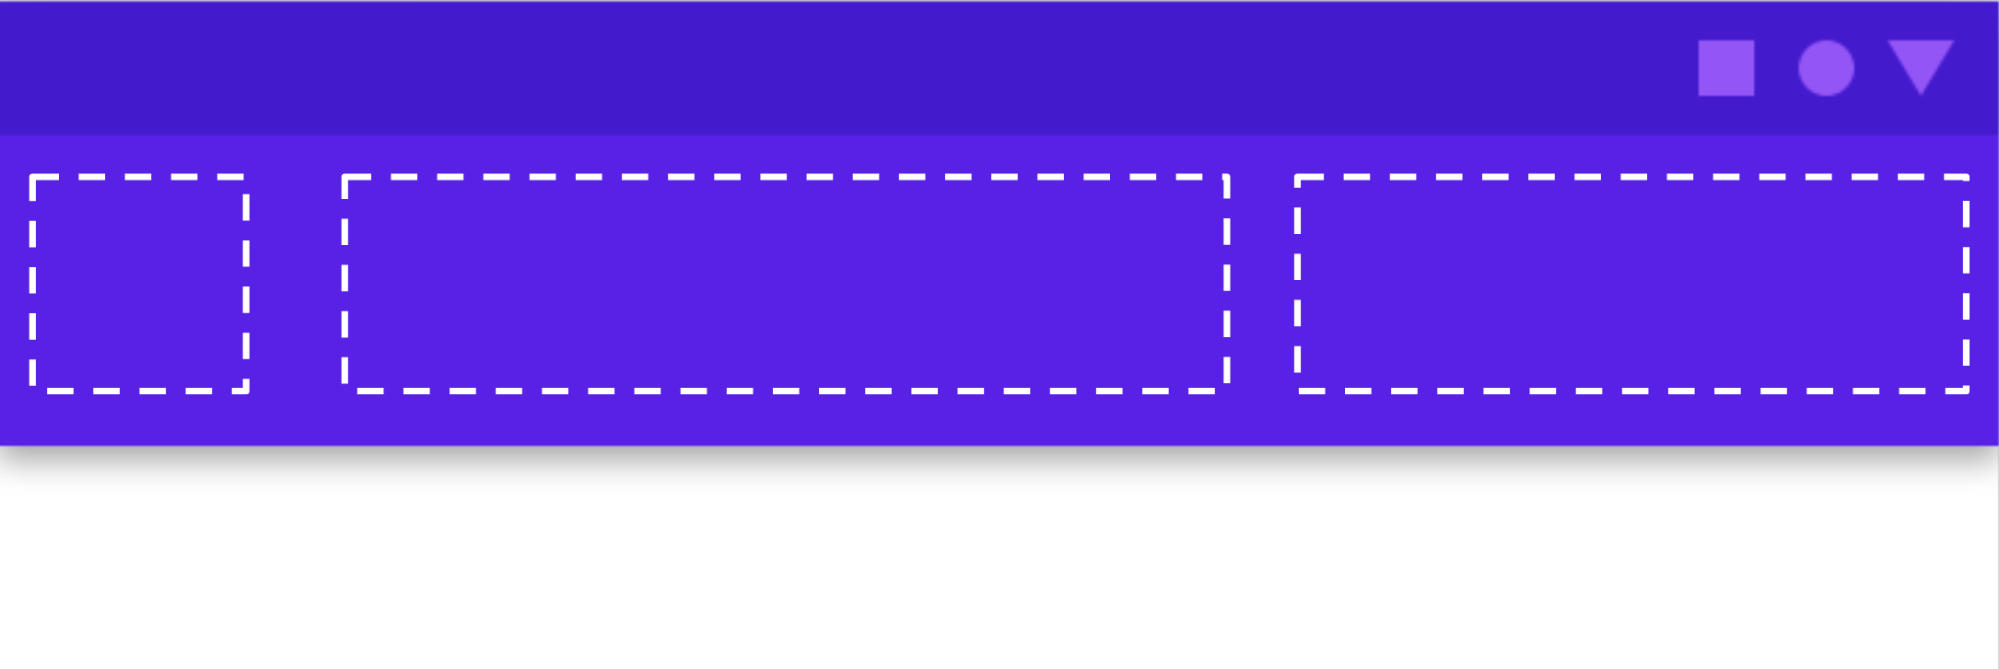 Muestra las ranuras en una barra de la app, donde puedes agregar elementos de la IU